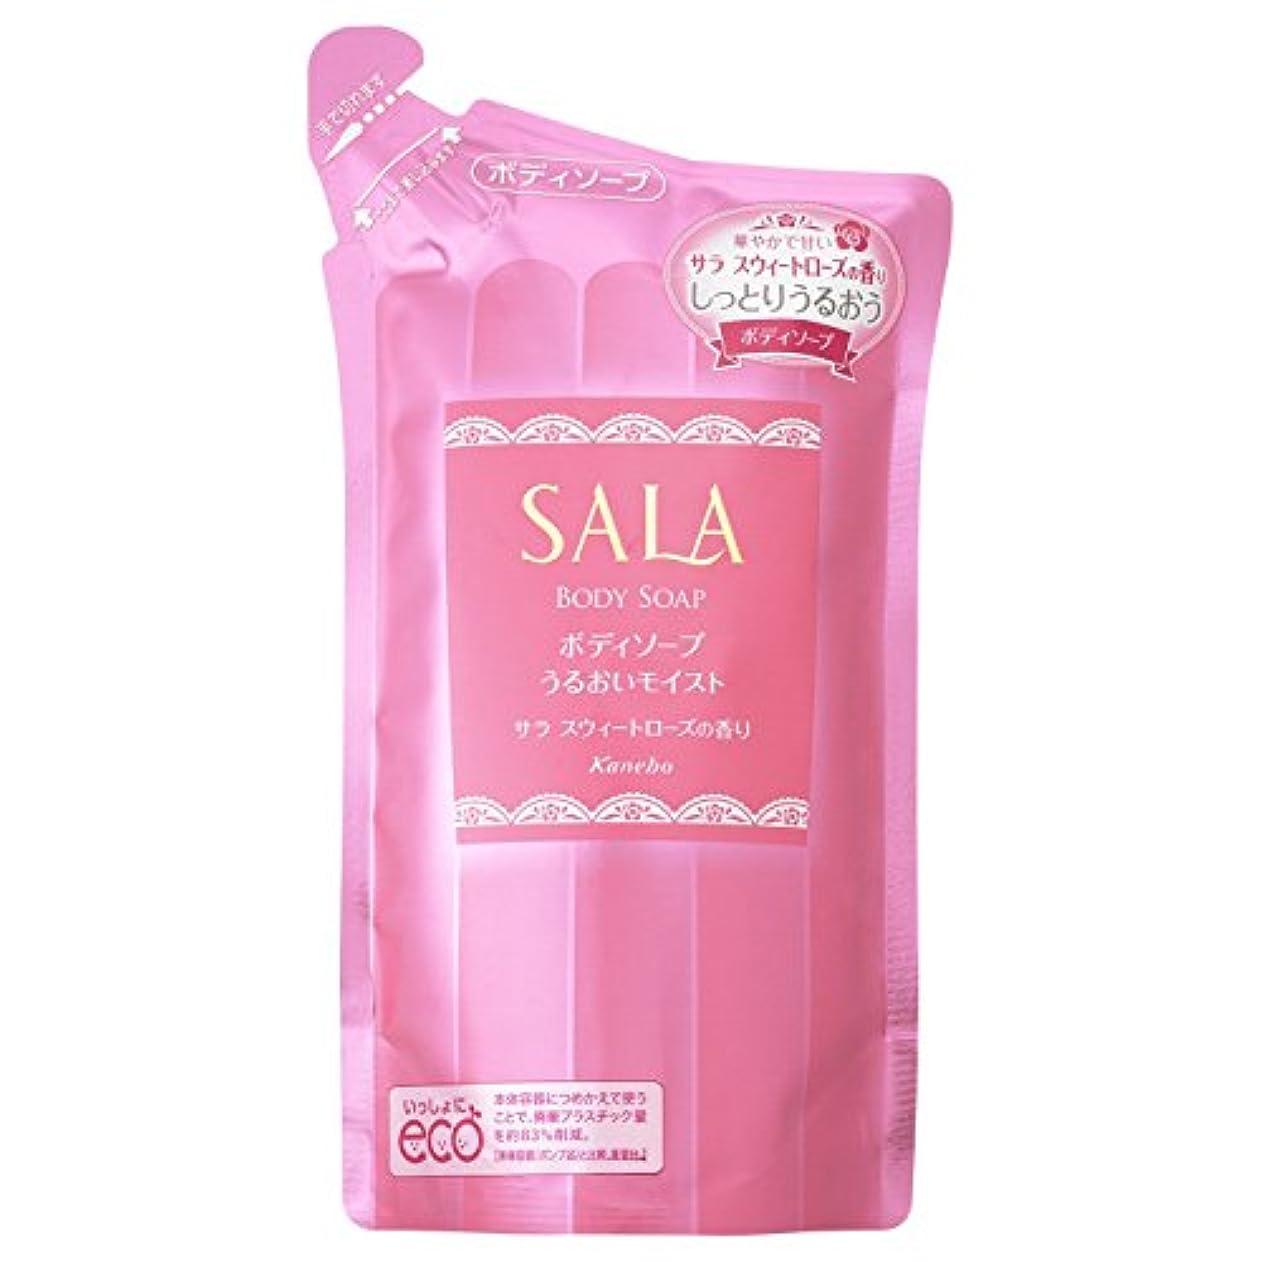 平衡病議会サラ ボディソープ うるおいモイスト つめかえ用 サラスウィートローズの香り